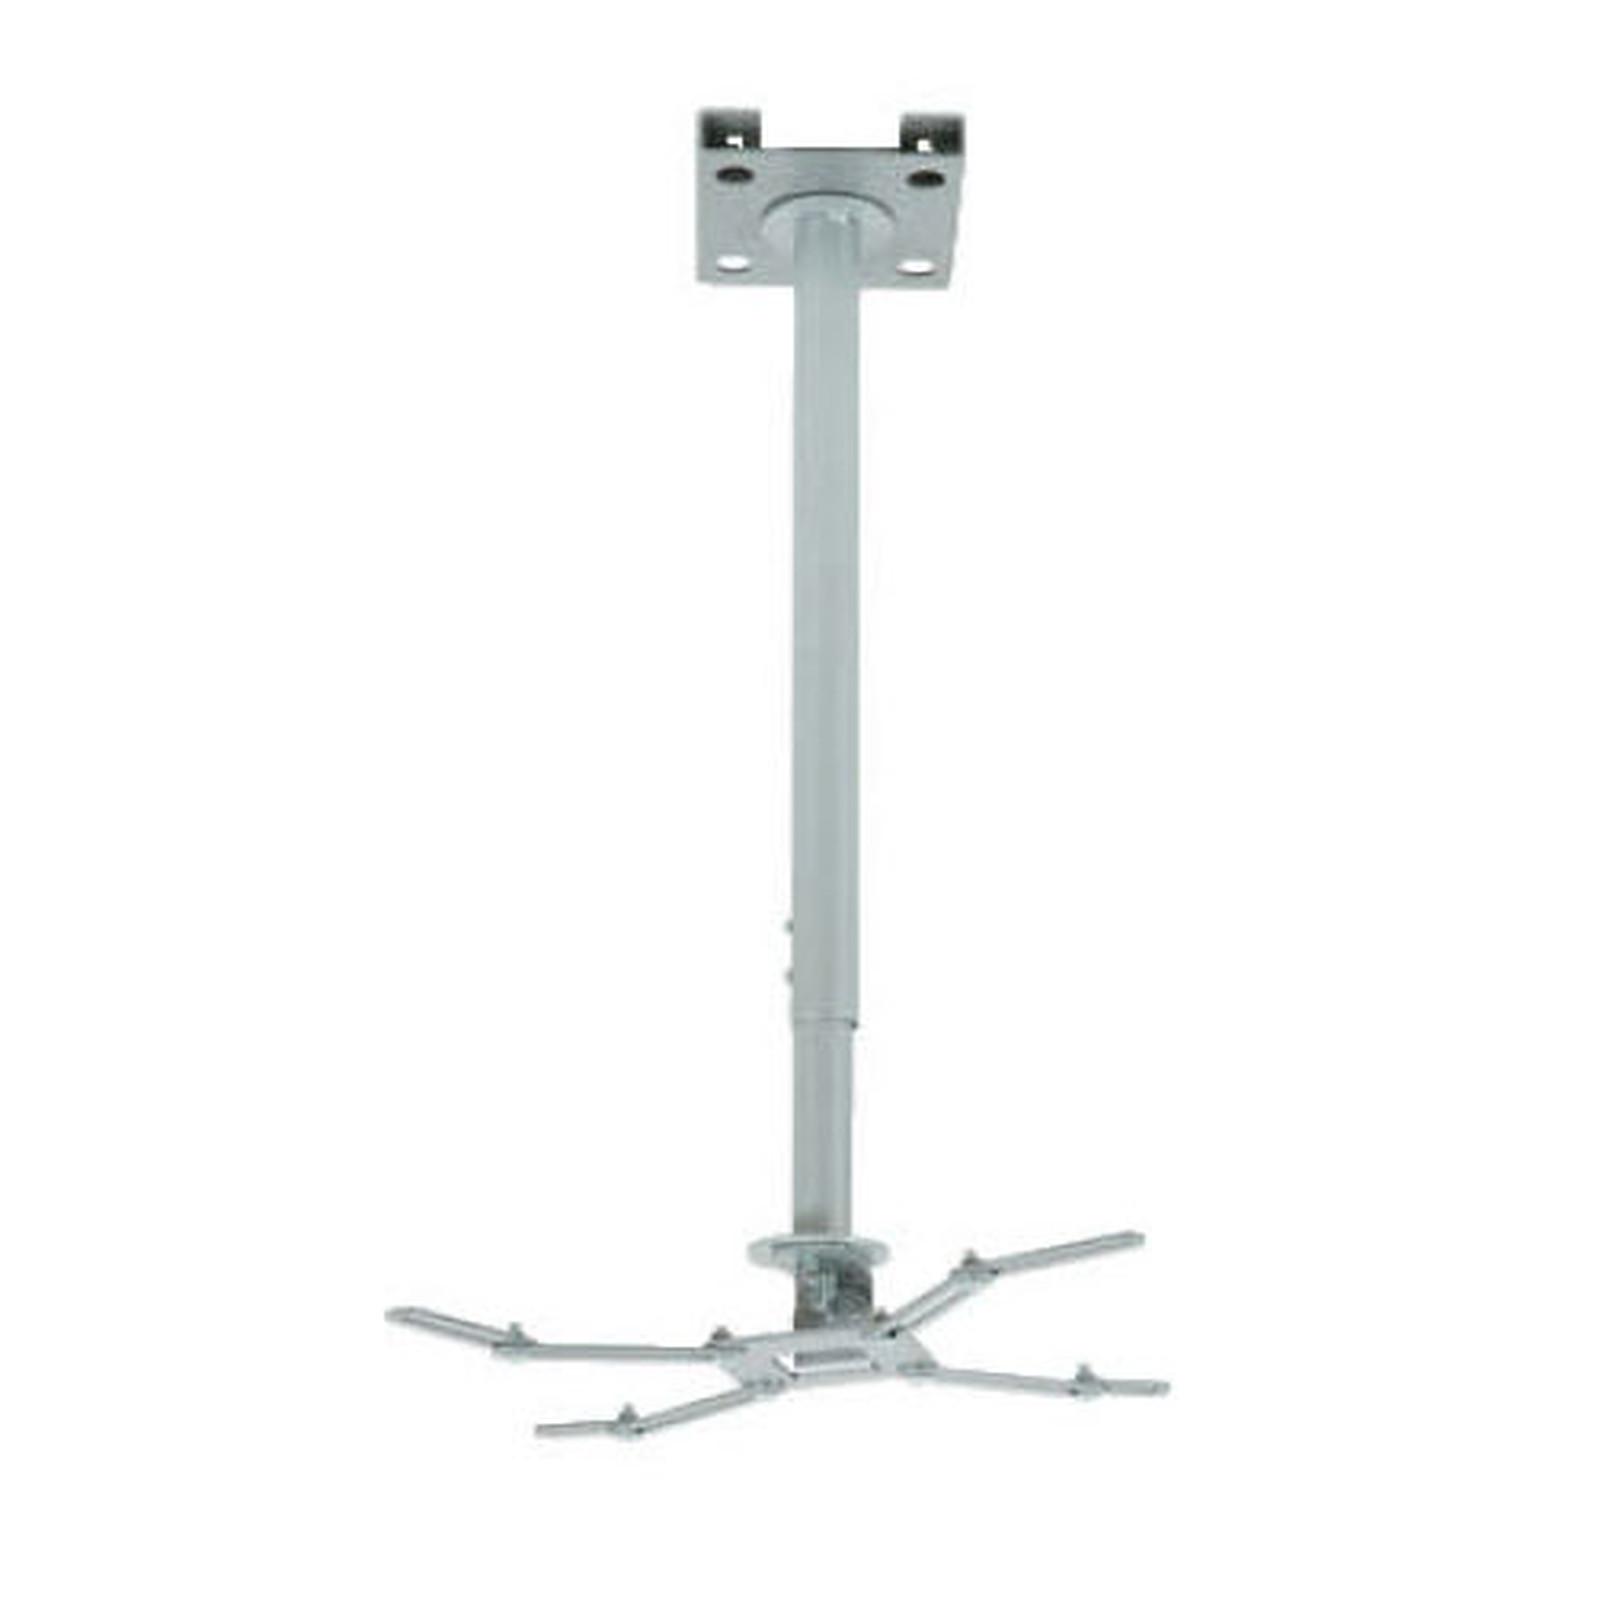 ERARD Pro Support argent universel 150 cm avec rallonges